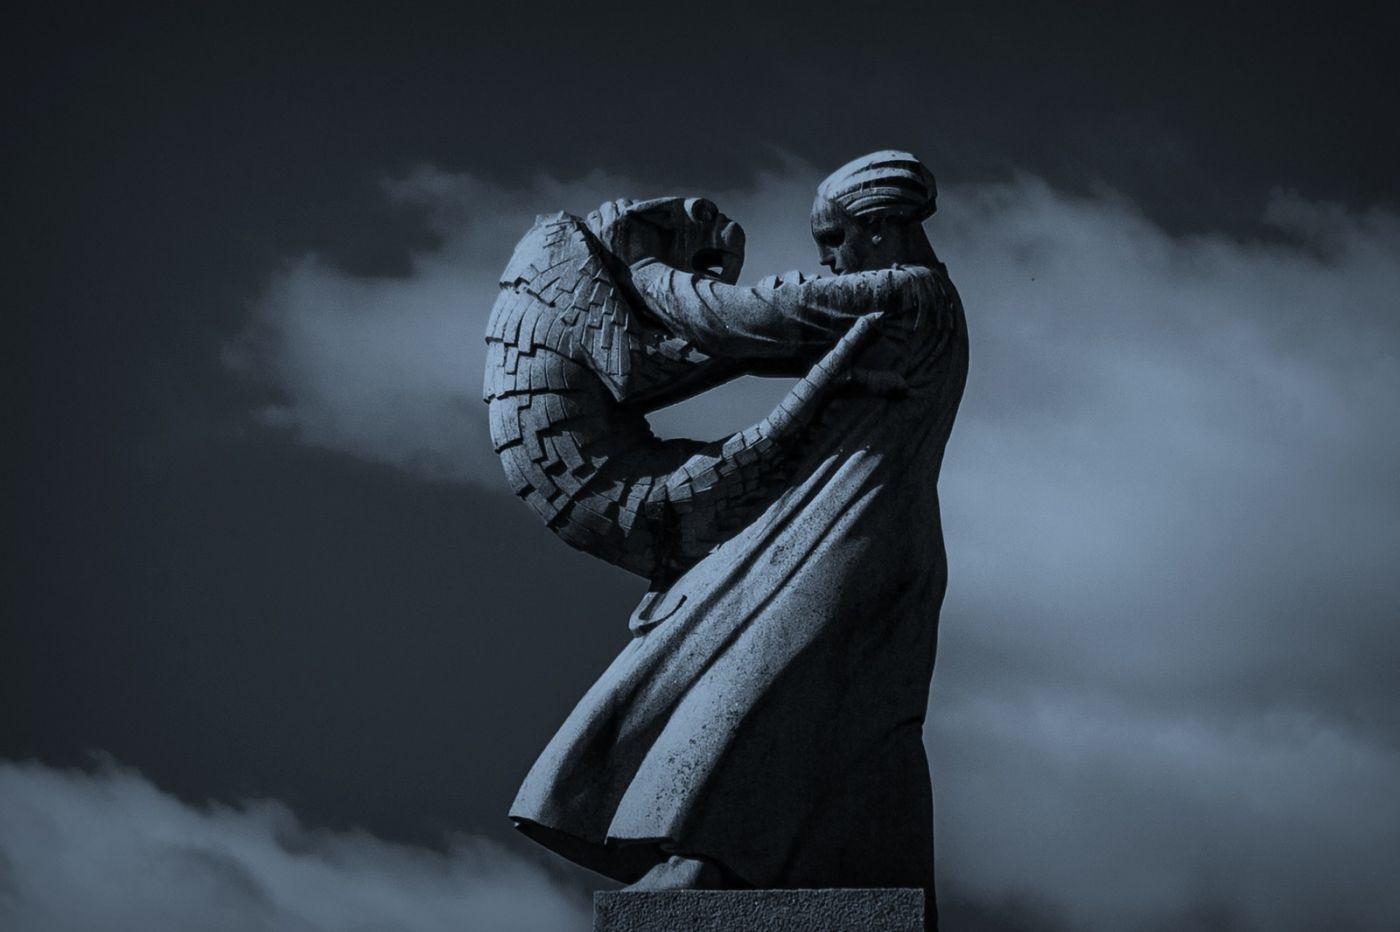 挪威维格兰雕塑公园,艺术的确来自生活_图1-14